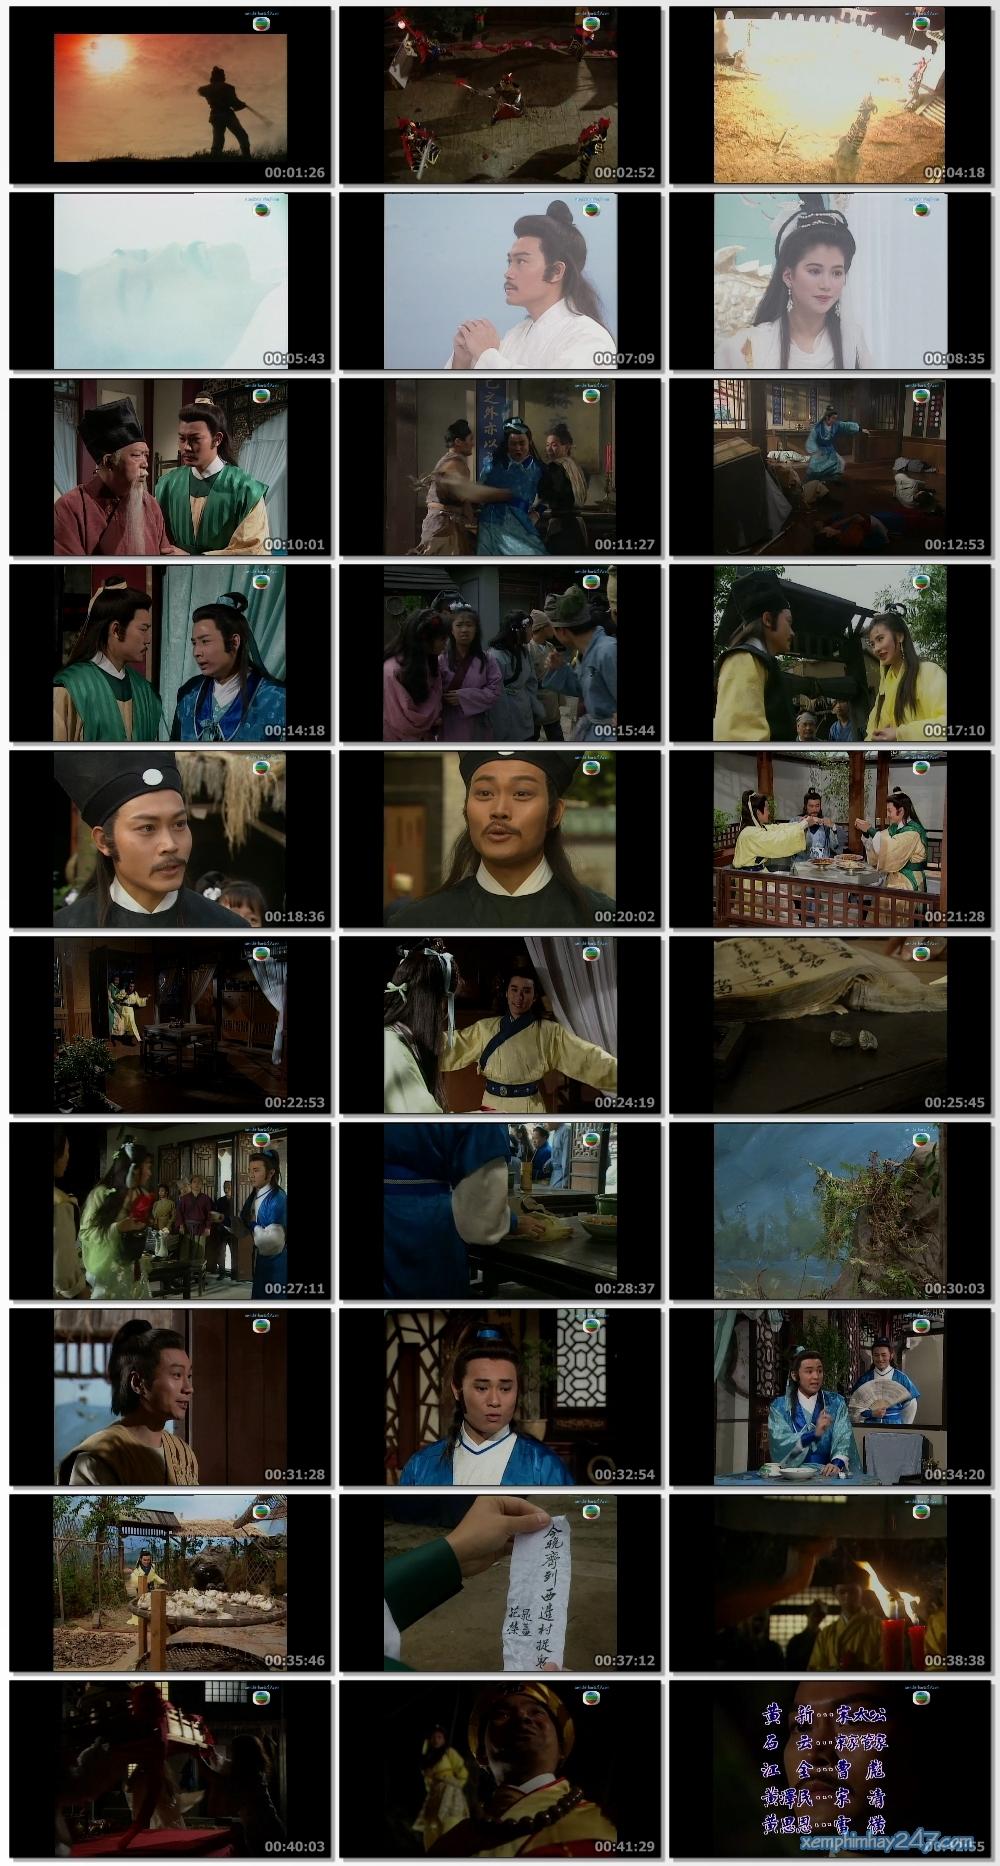 http://xemphimhay247.com - Xem phim hay 247 - Anh Hùng Thủy Hử - Anh Hùng Truyền Thuyết (1992) - Story Of The Water Margin (1992)